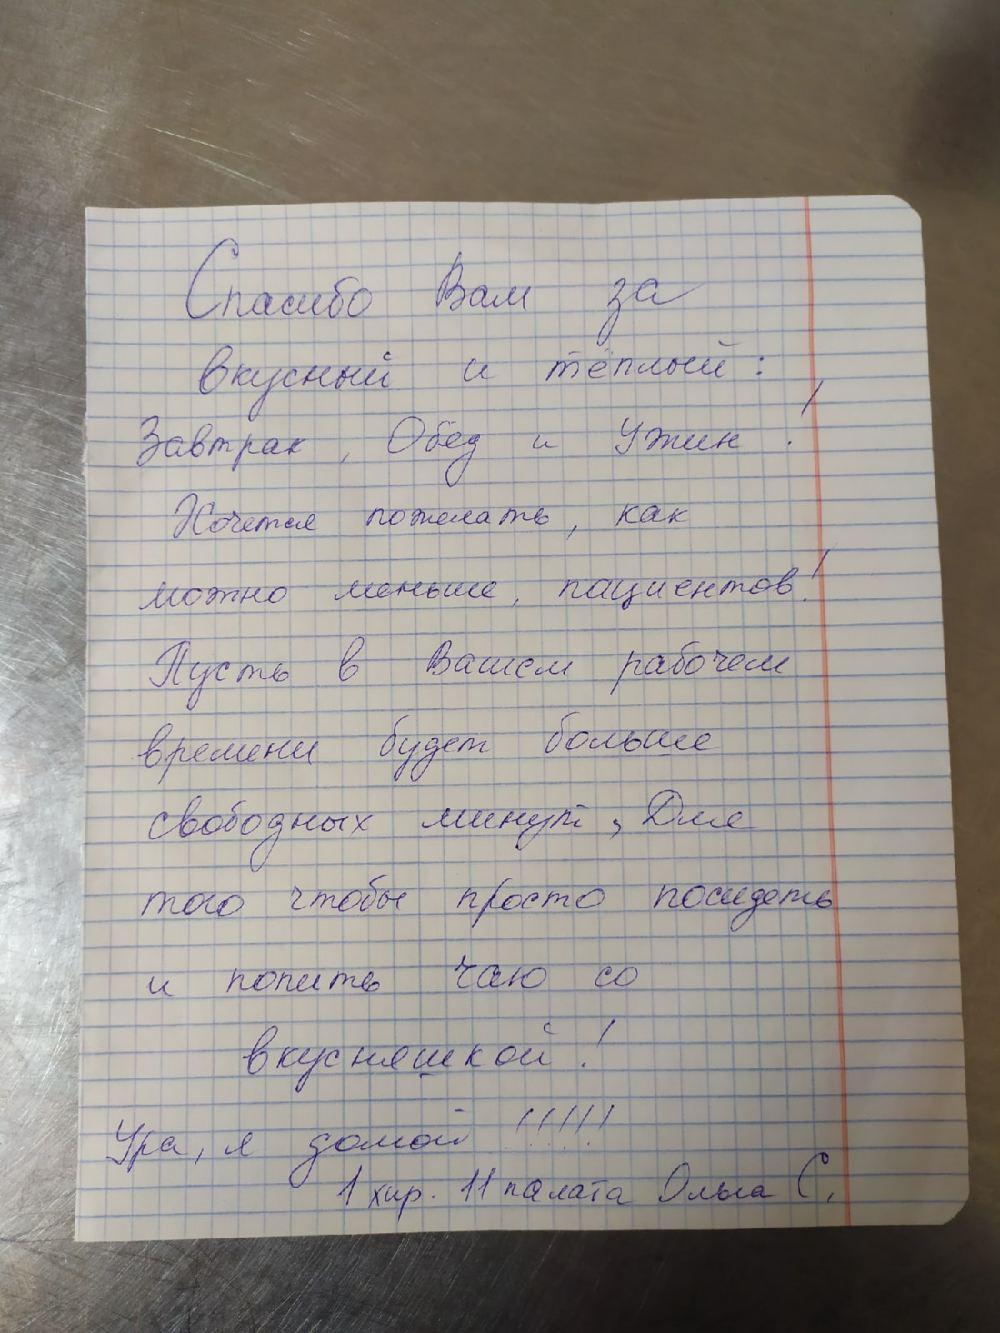 отзыв пациента о еде